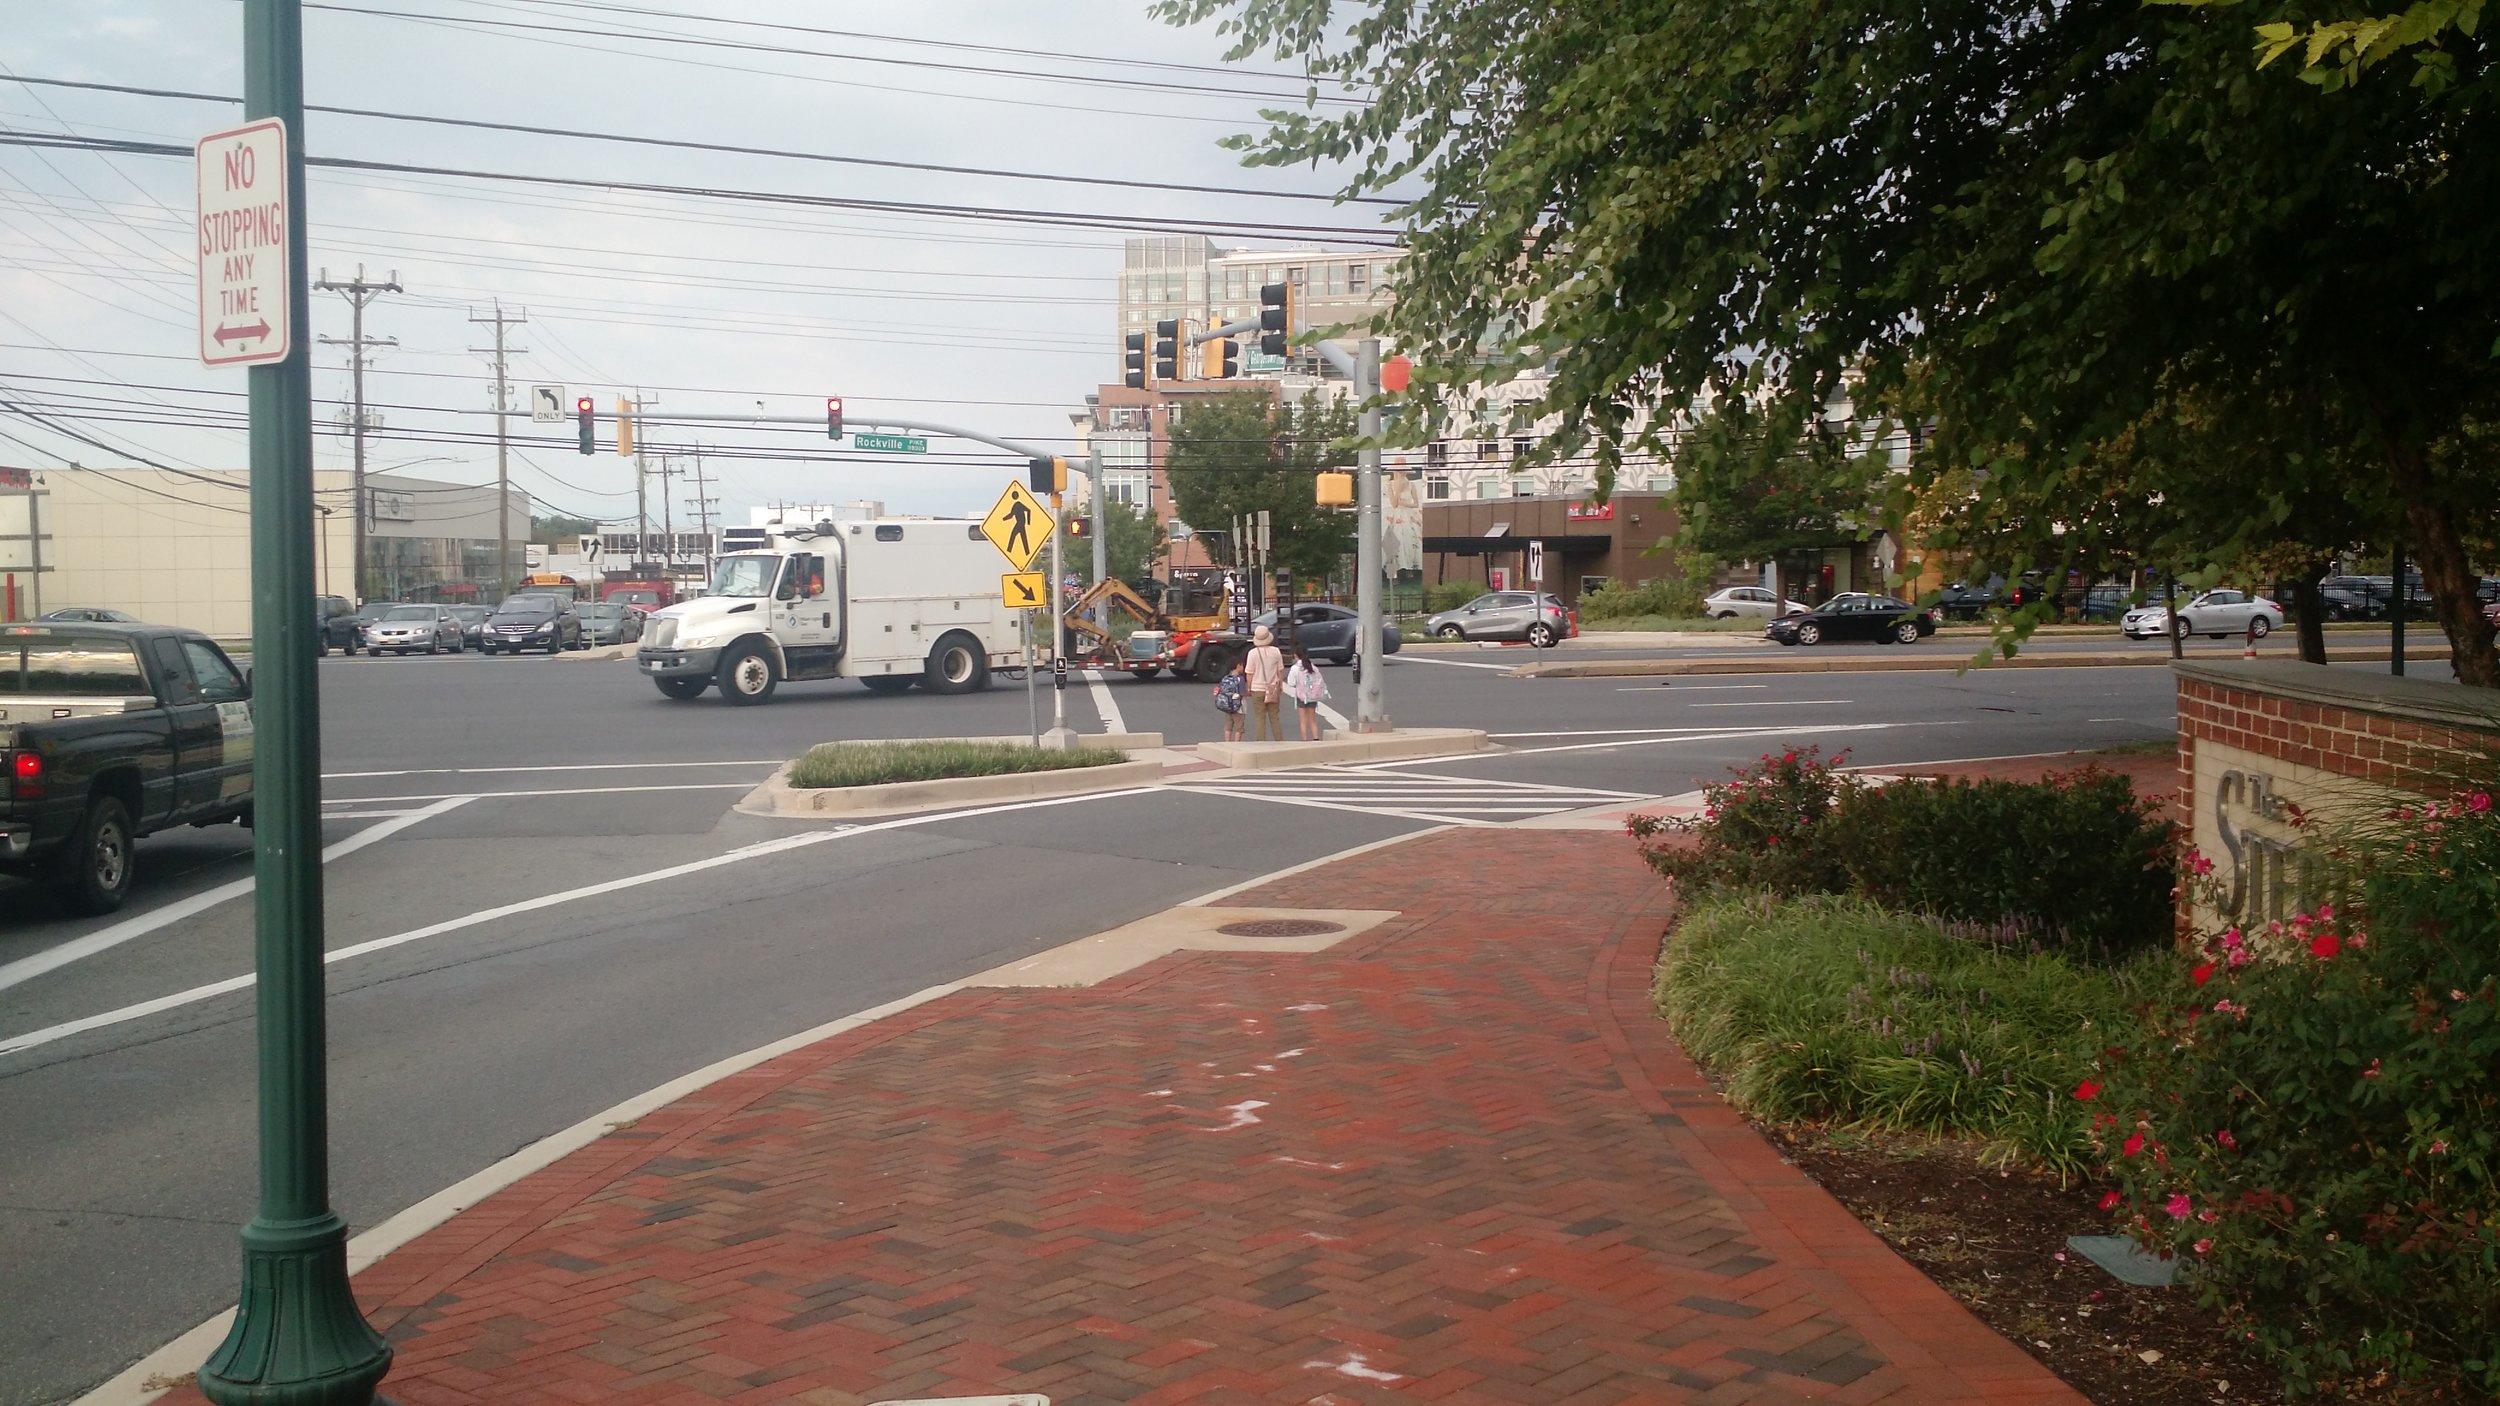 355 & Old Georgetown Road